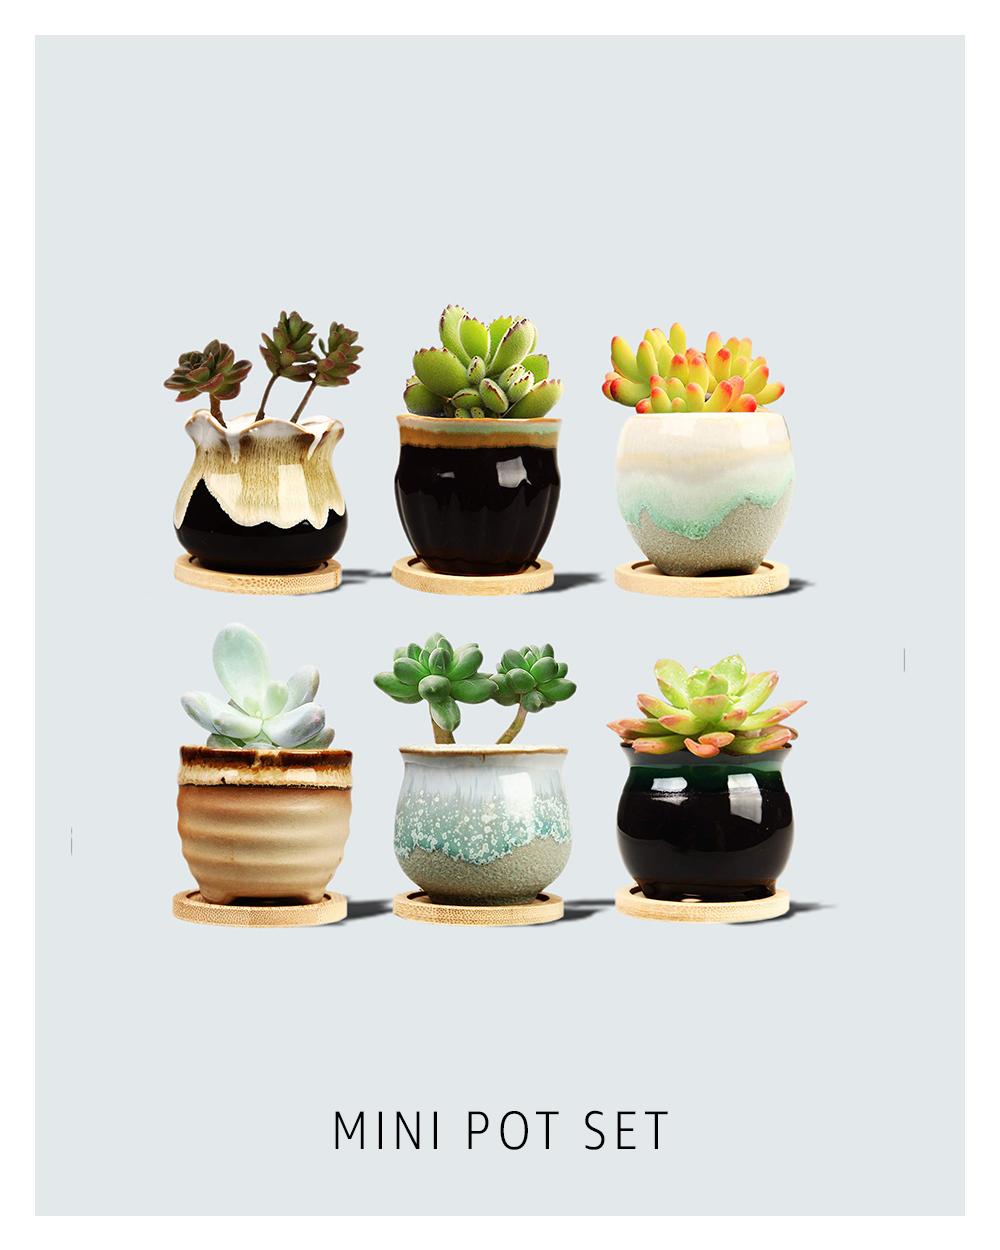 Mini pot set